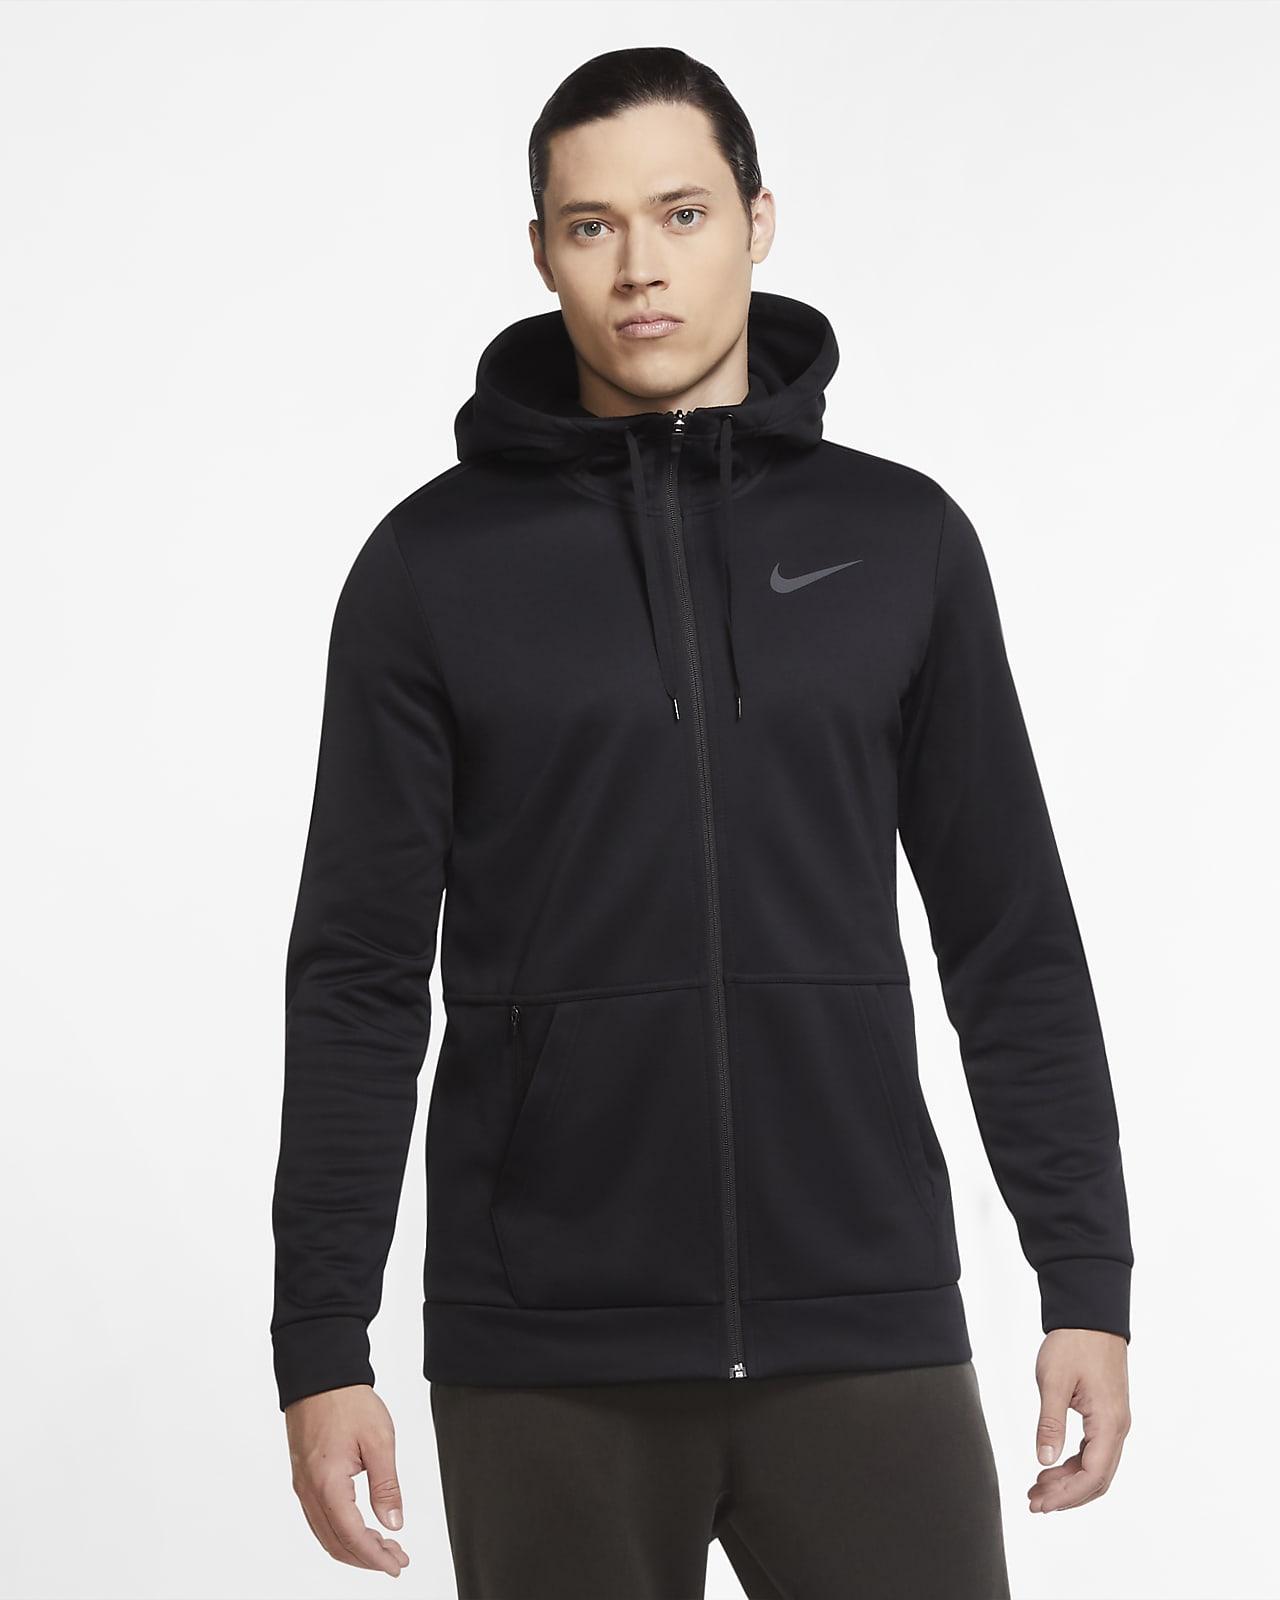 Hoodie de treino com fecho completo Nike Therma para homem